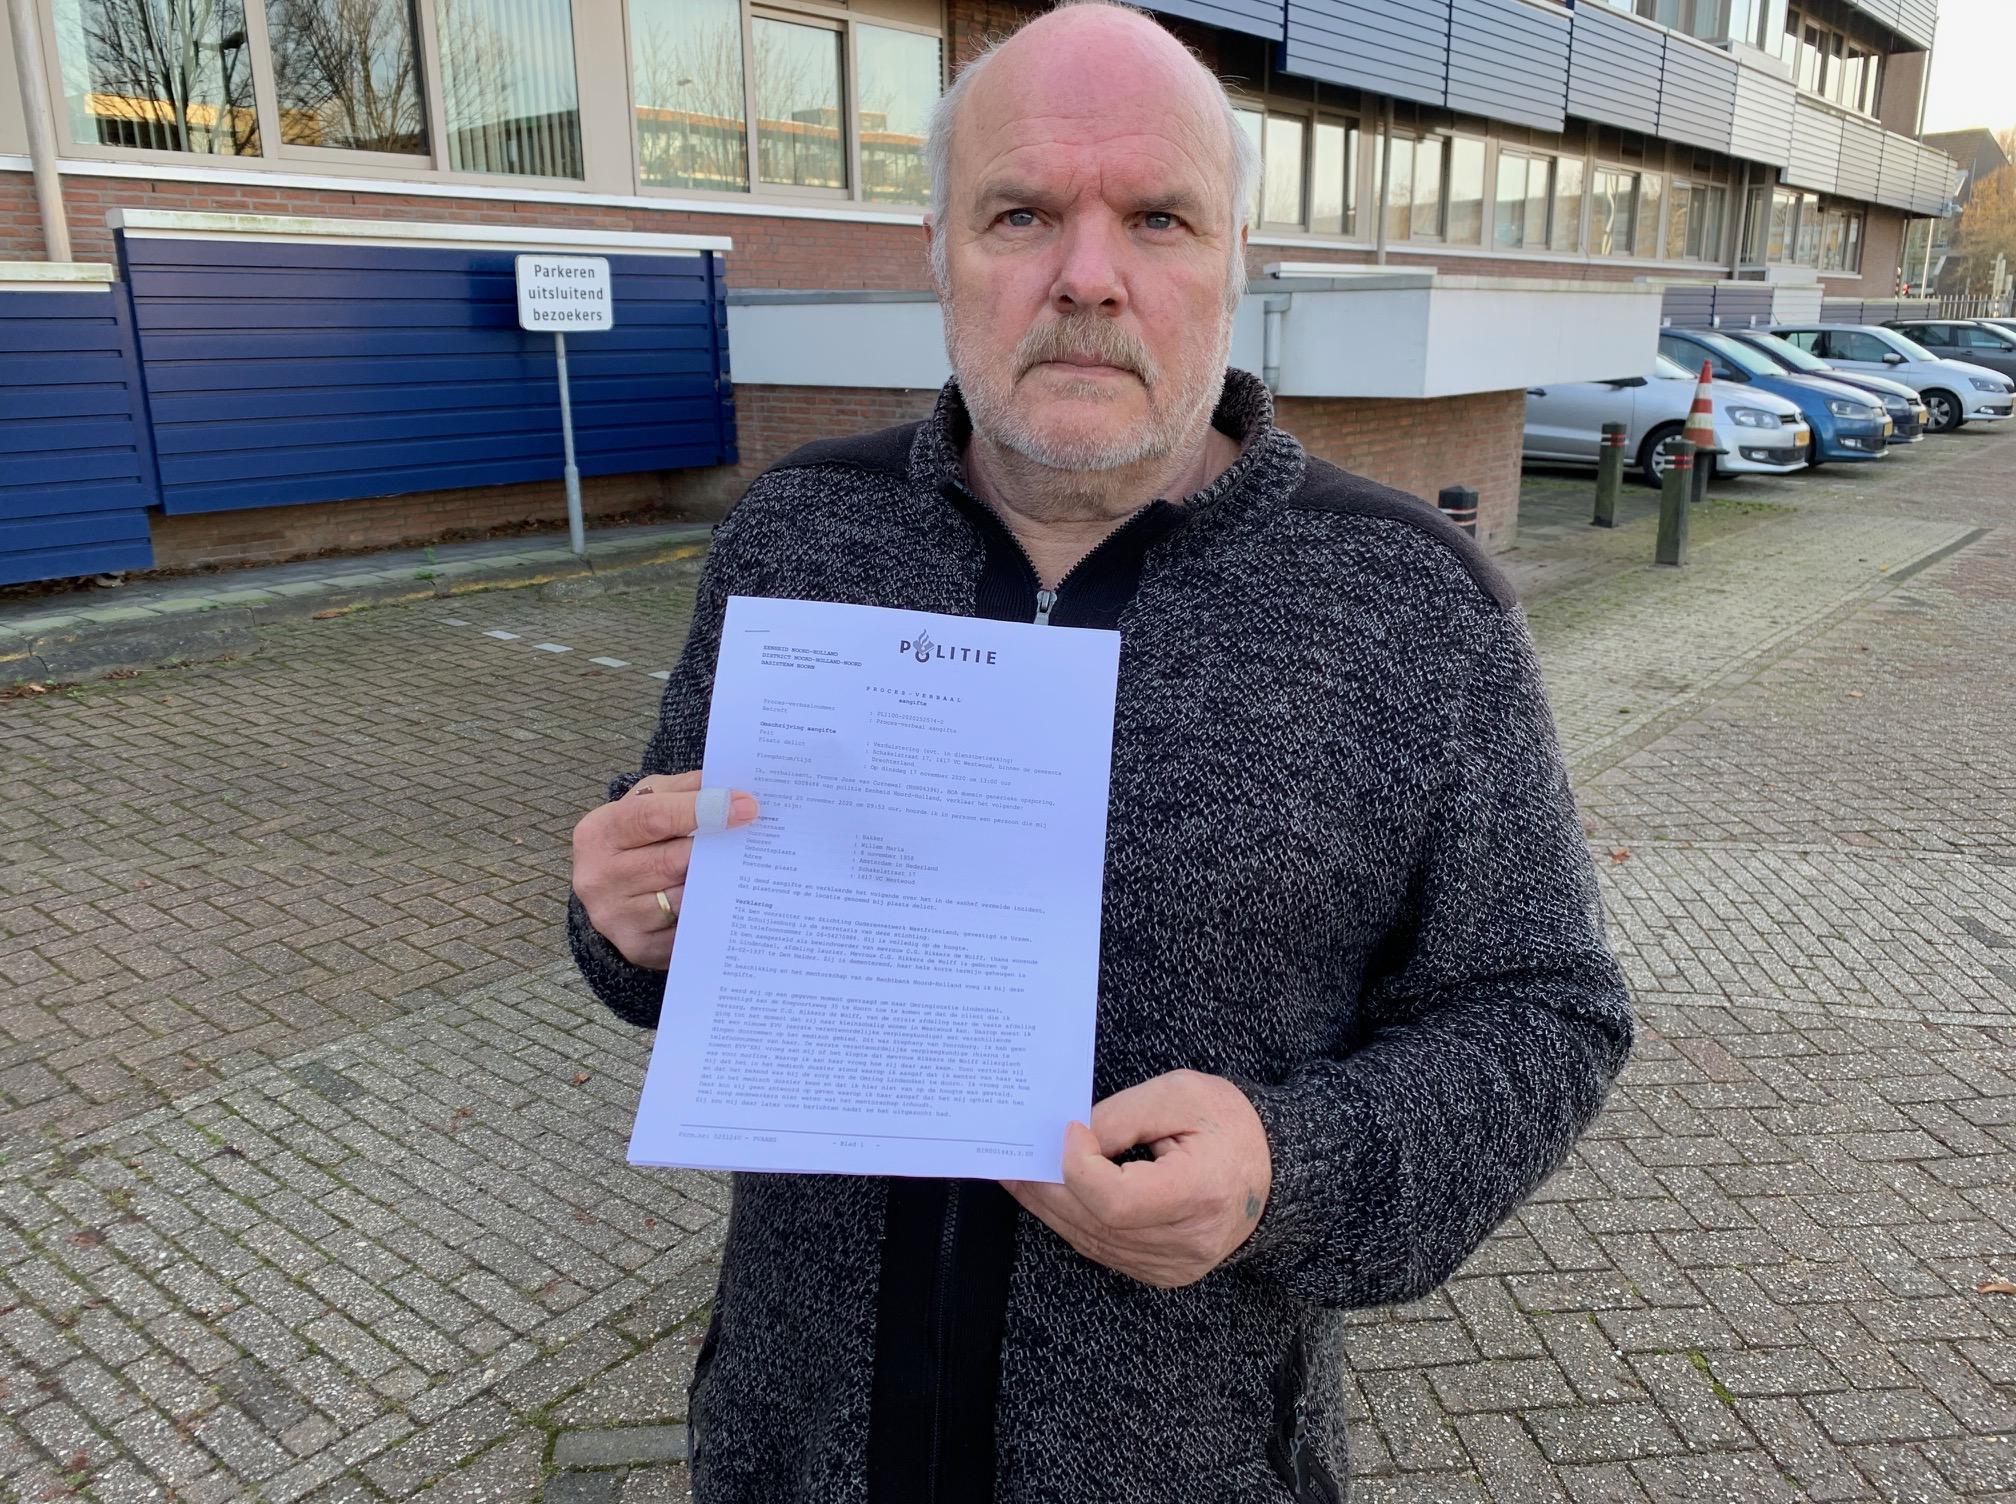 Ruzie over openen bankafschriften van dementerende vrouw in Hoorn. Bewindvoerder en zorgorganisatie Omring beschuldigen elkaar bij Justitie